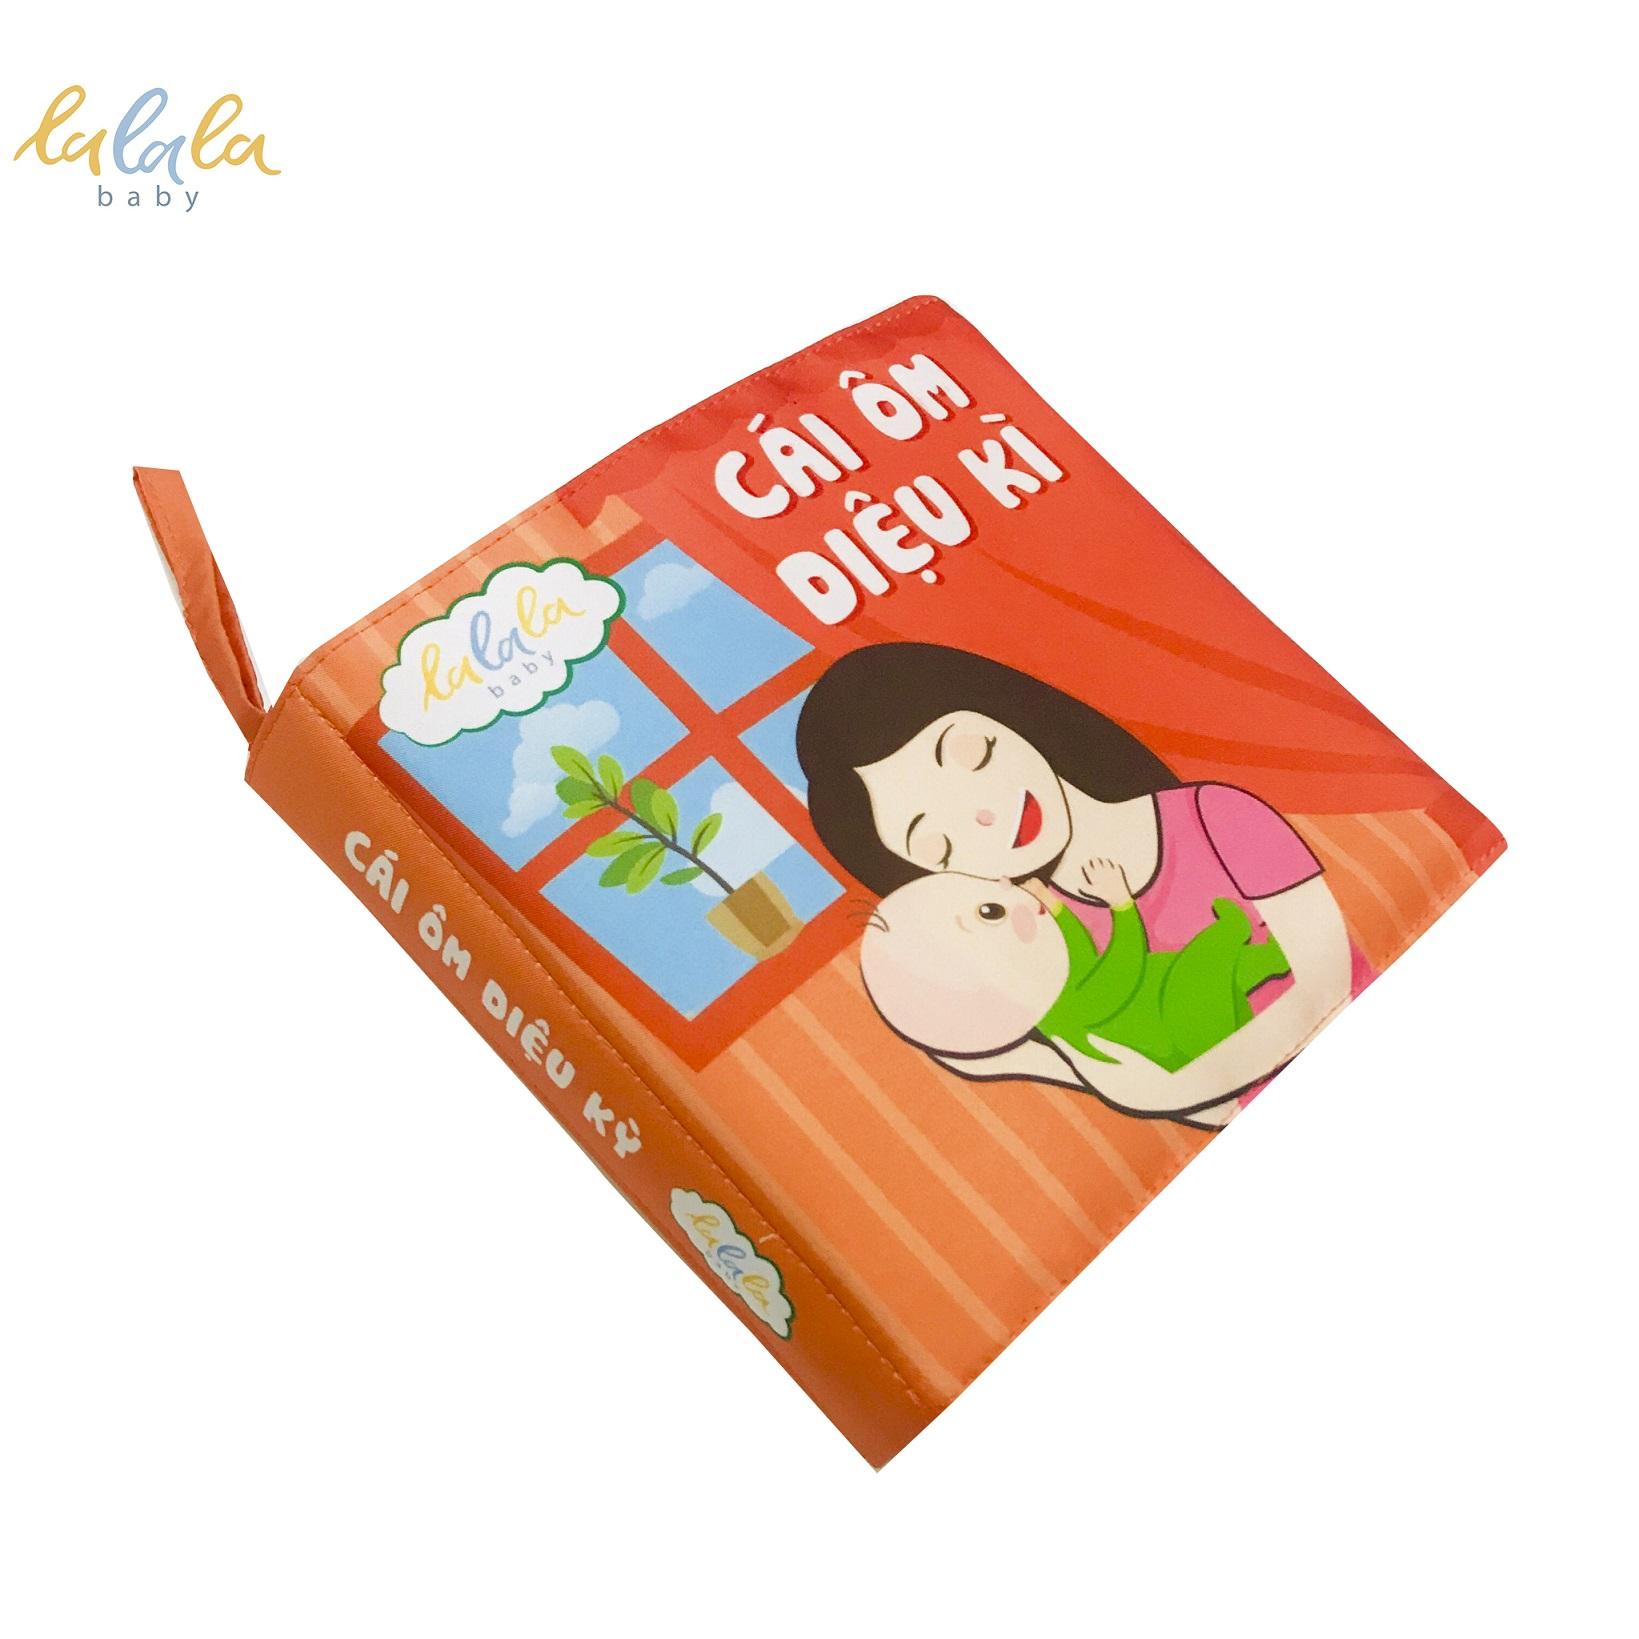 Sách vải cho bé - Sách vải song ngữ Cái ôm diệu kỳ CHÍNH HÃNG Lalala baby, Sách vải đa tương tác cỡ lớn 18x18cm phù hợp cho bé từ 0-3 tuổi, câu chuyện về cái ôm ý nghĩa, bé phát triển đa giác quan và trí não.